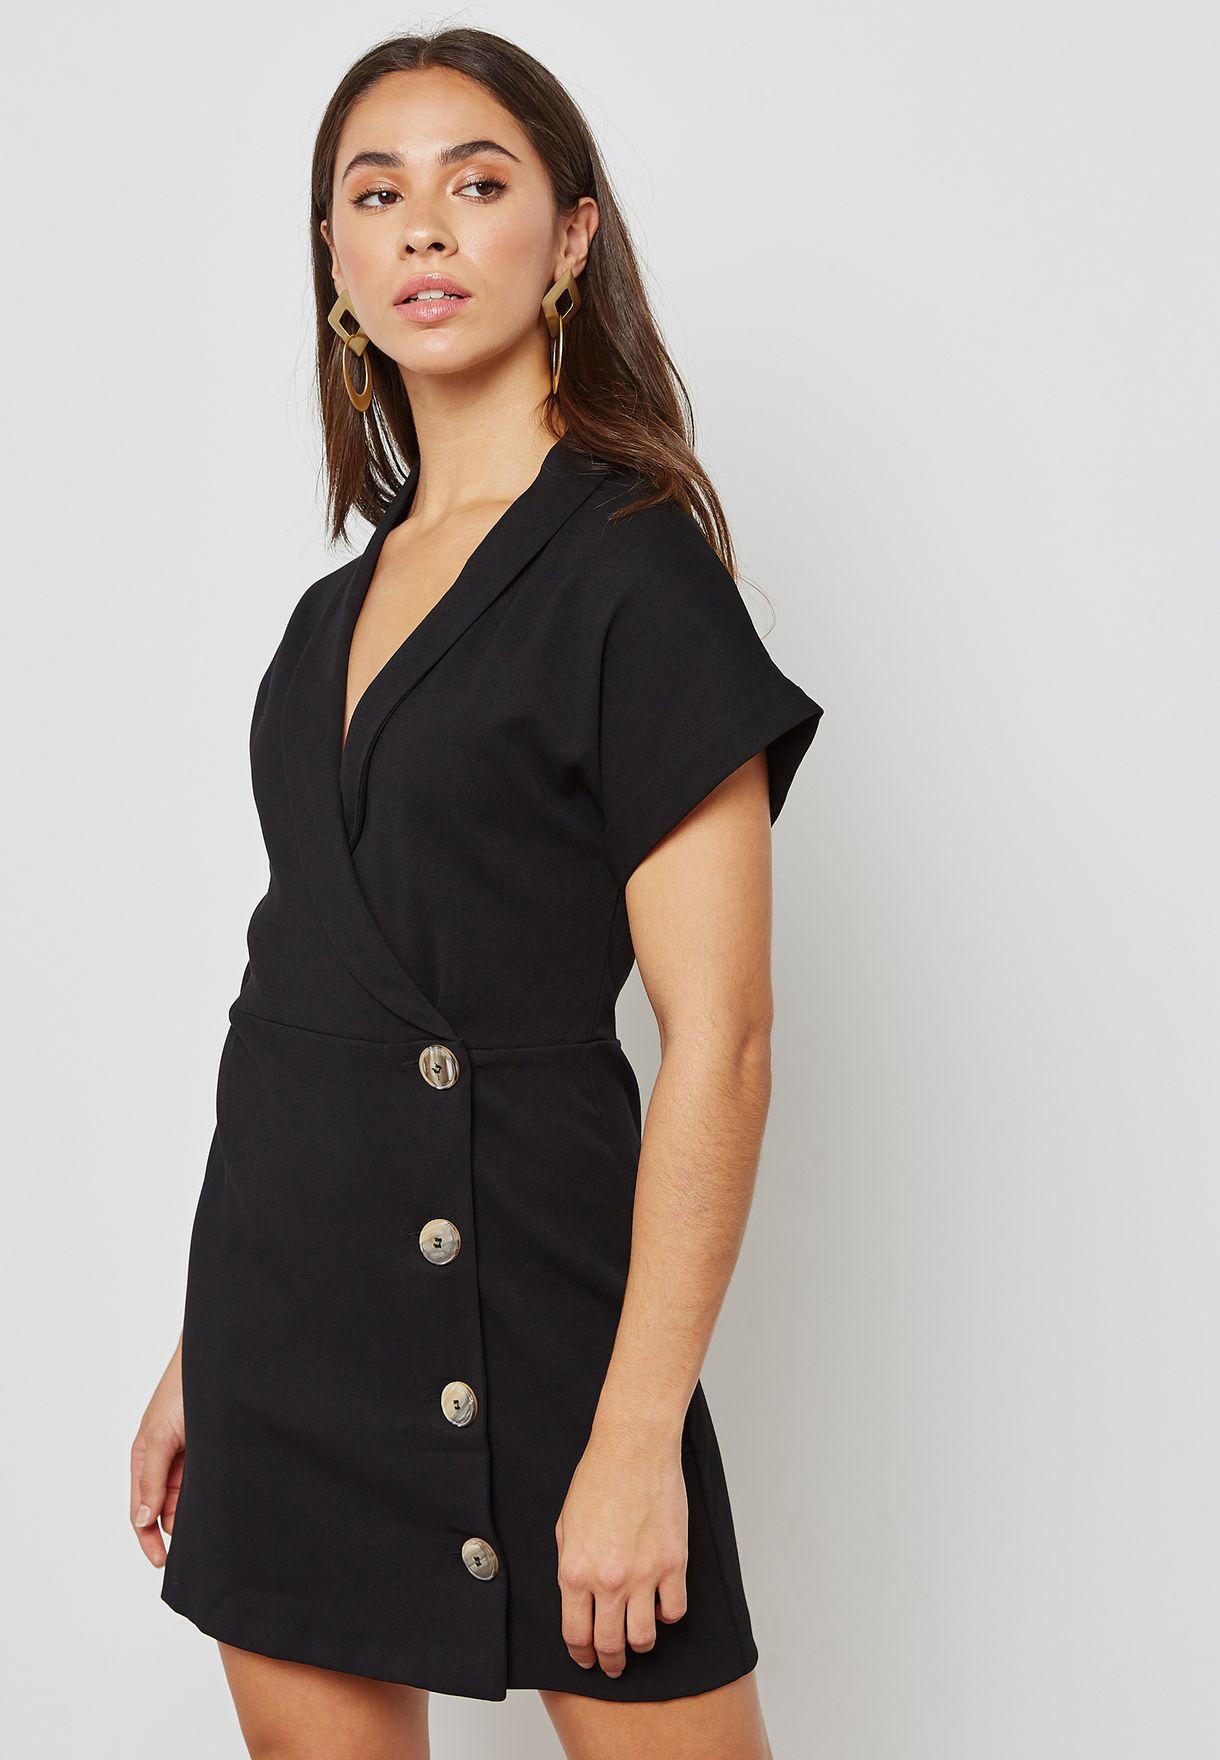 fc9c94f00d869 تسوق فستان بنمط لف ماركة مانجو لون أسود 23027037 في قطر - MA887AT46JKN